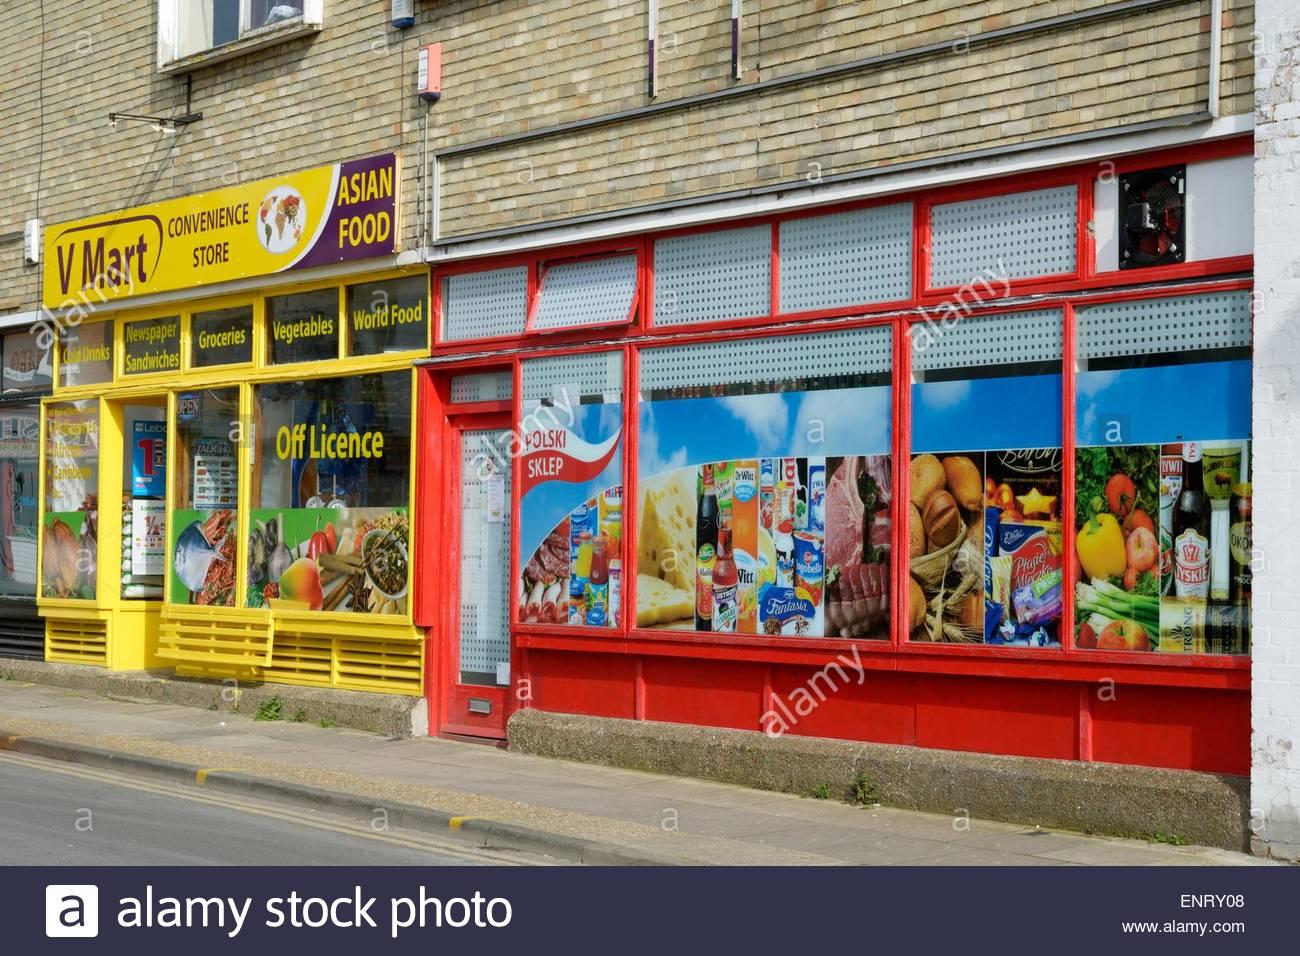 Der Supermarkt V Mart (asiatische Küche) und Polski Sklep (polnische ...